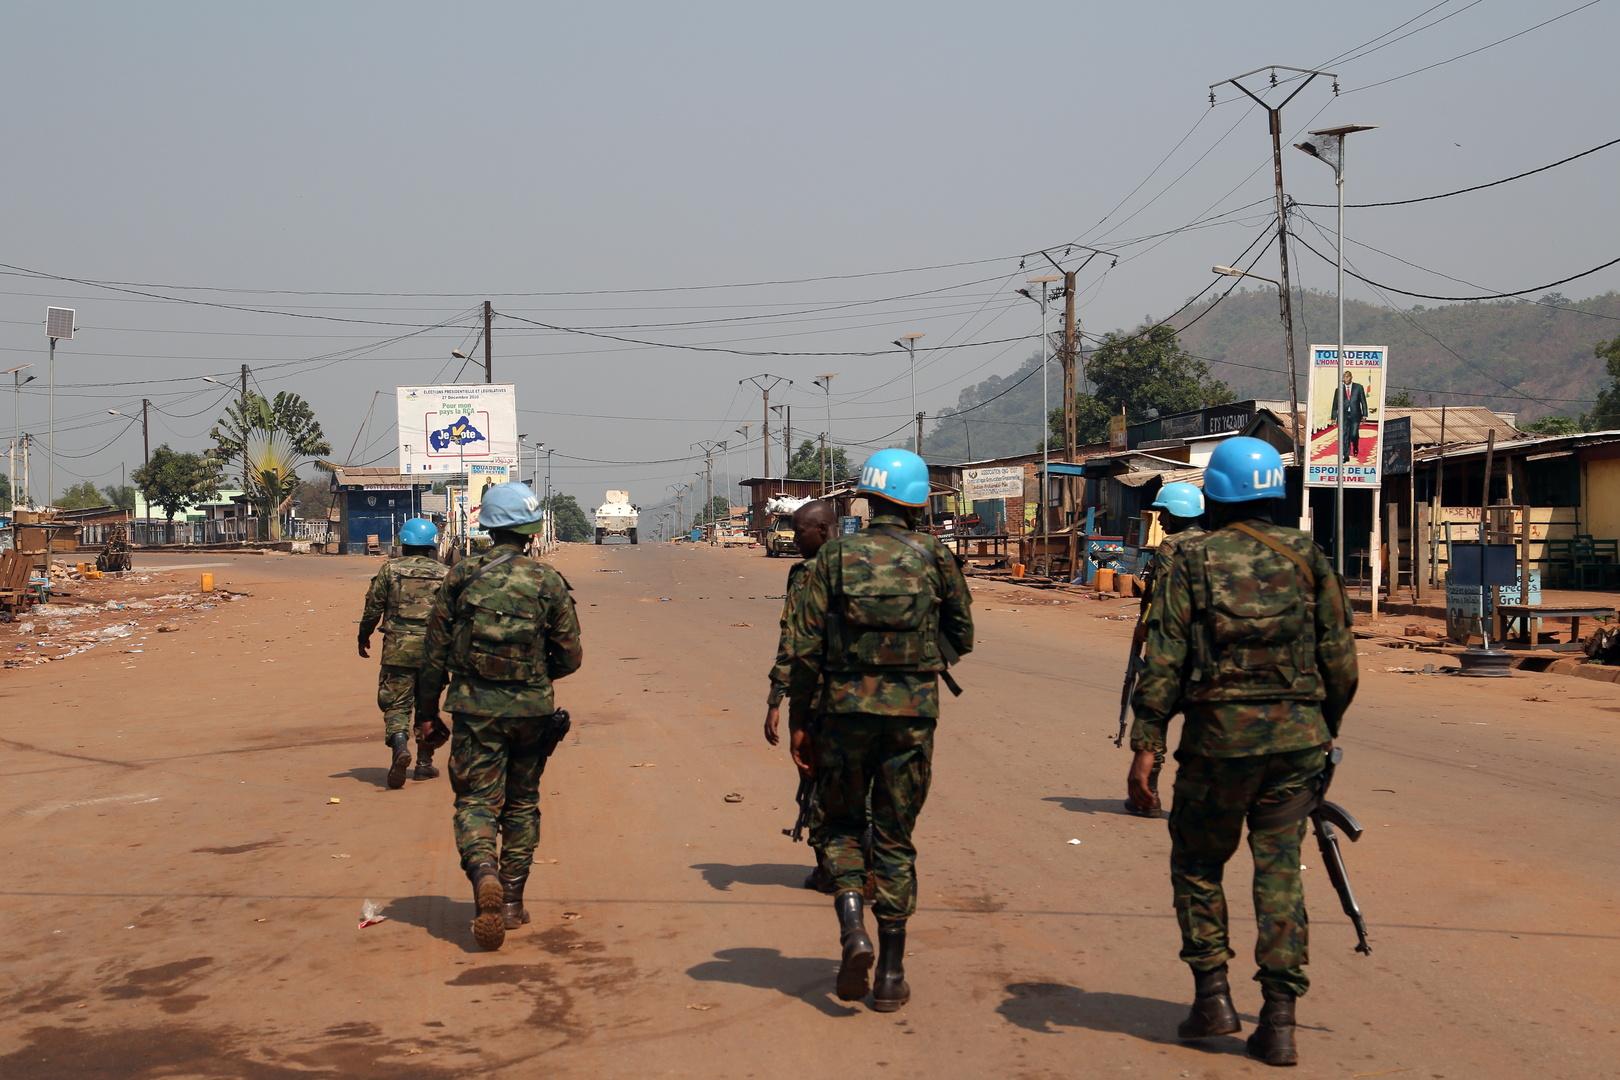 مقتل عنصرين من البعثة الأممية أحدهما عربي في إفريقيا الوسطى